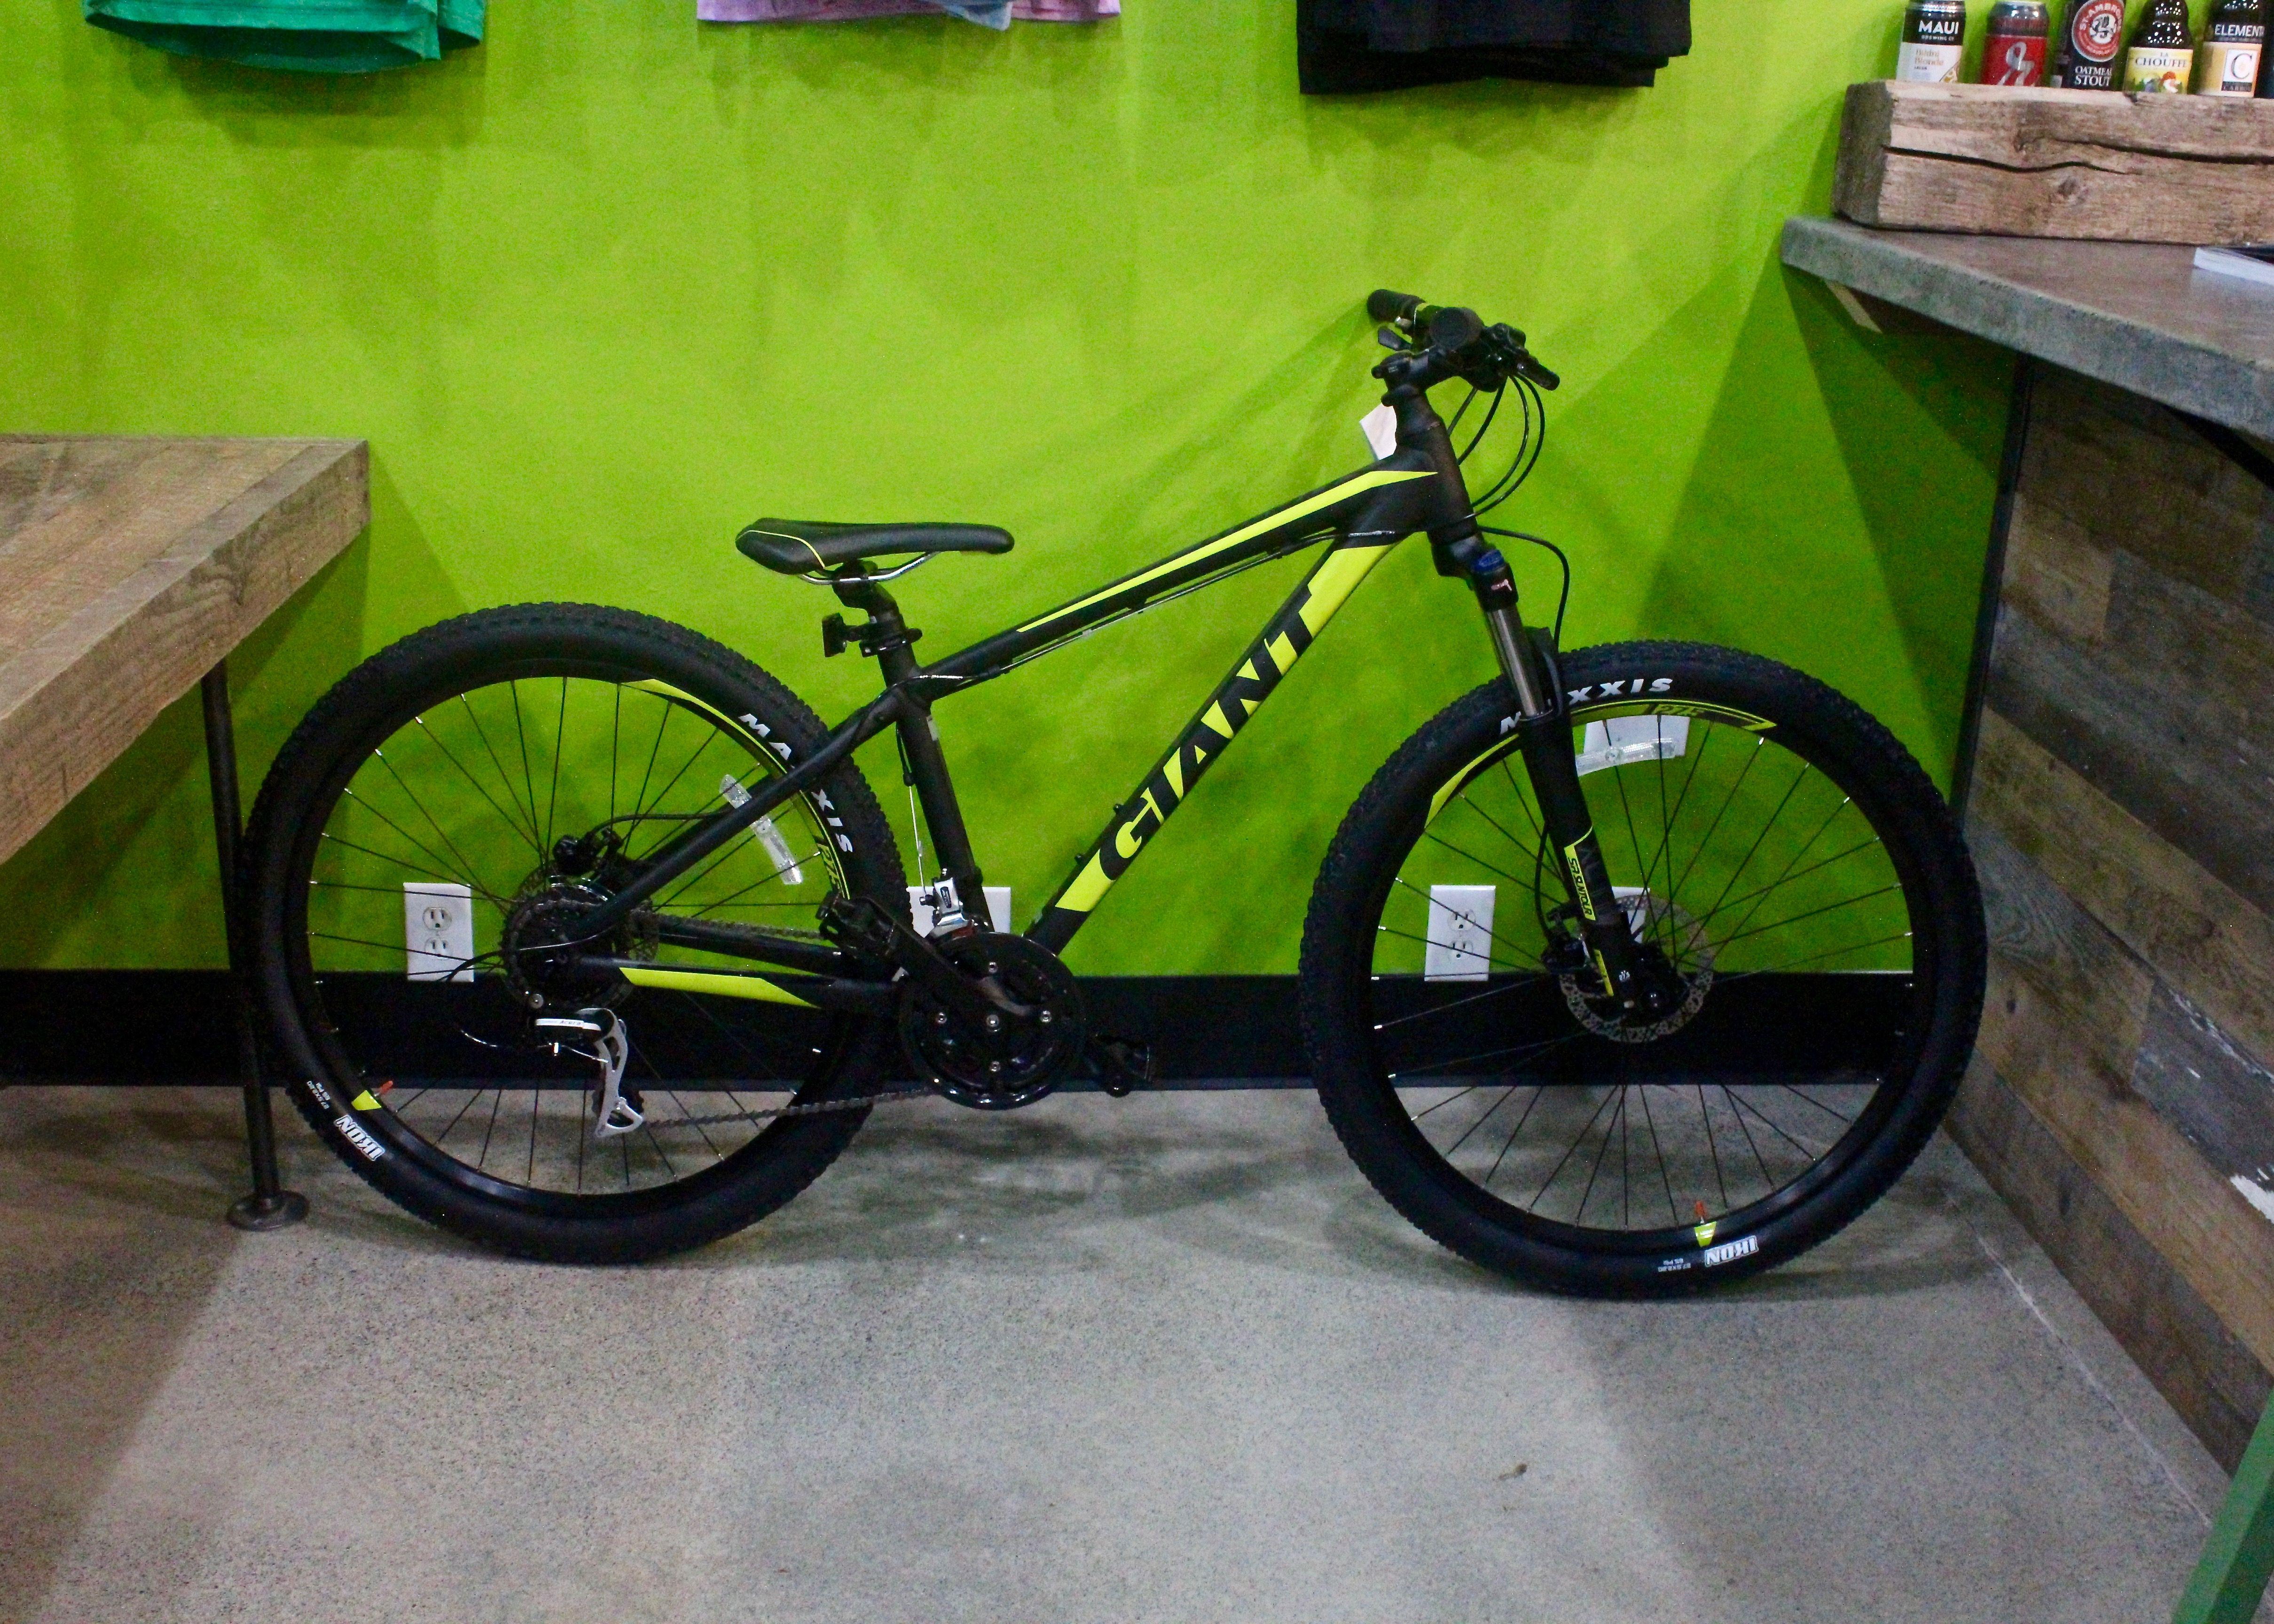 Giant Talon 3 Black Green Mens Mountain Bikes Sizes In Stock S